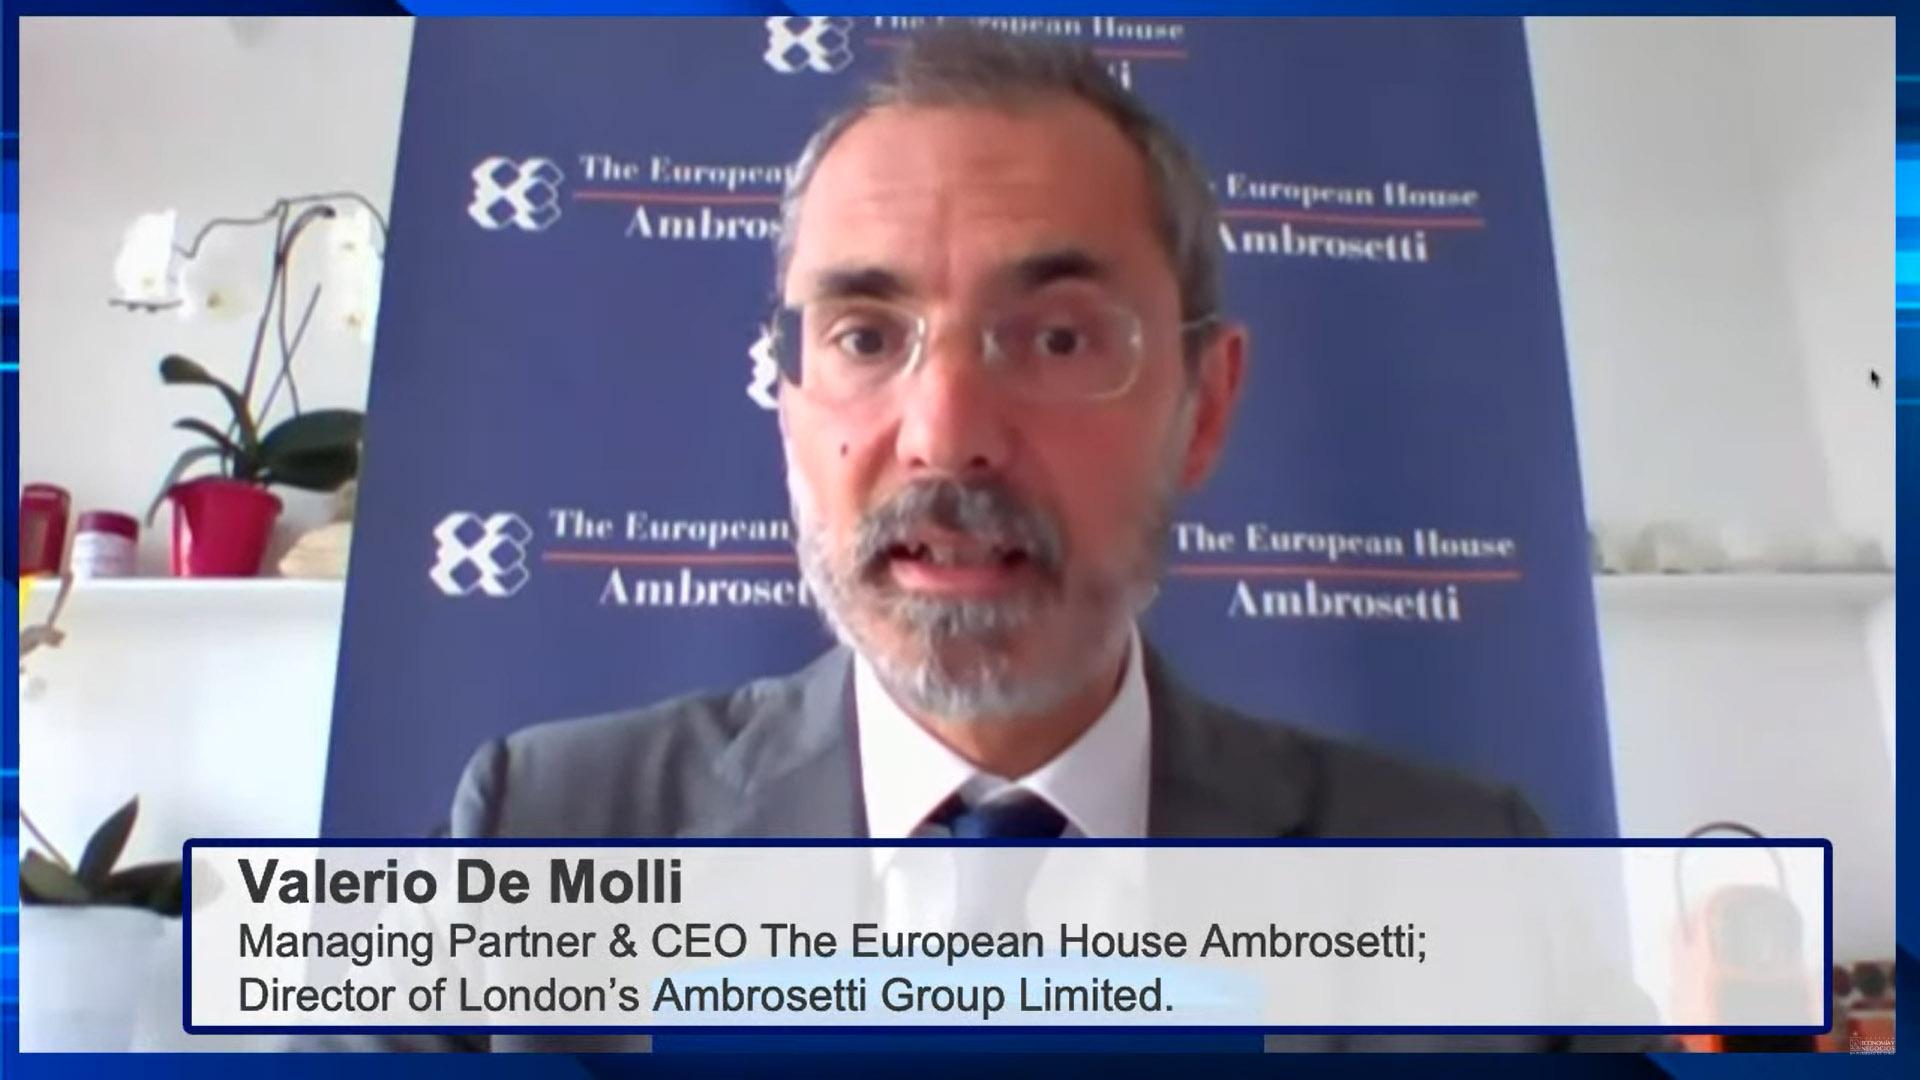 Valerio De Molli